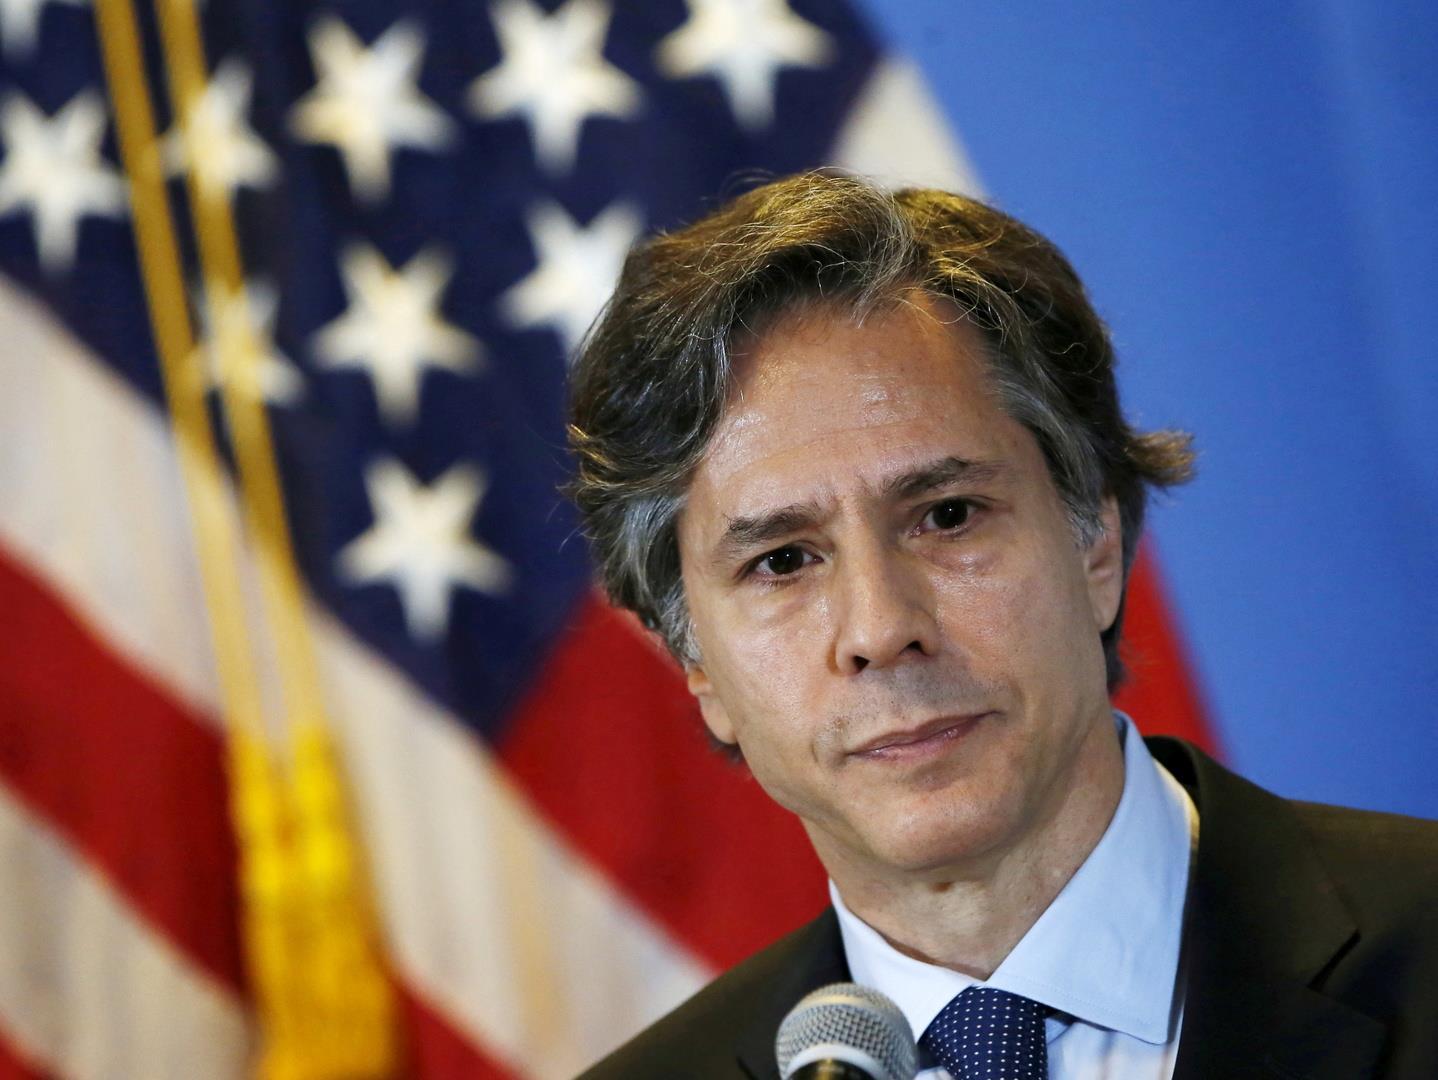 وزير الخارجية الأمريكي: هناك نحو 1500 أمريكي قد يتوجب إجلاؤهم من أفغانستان